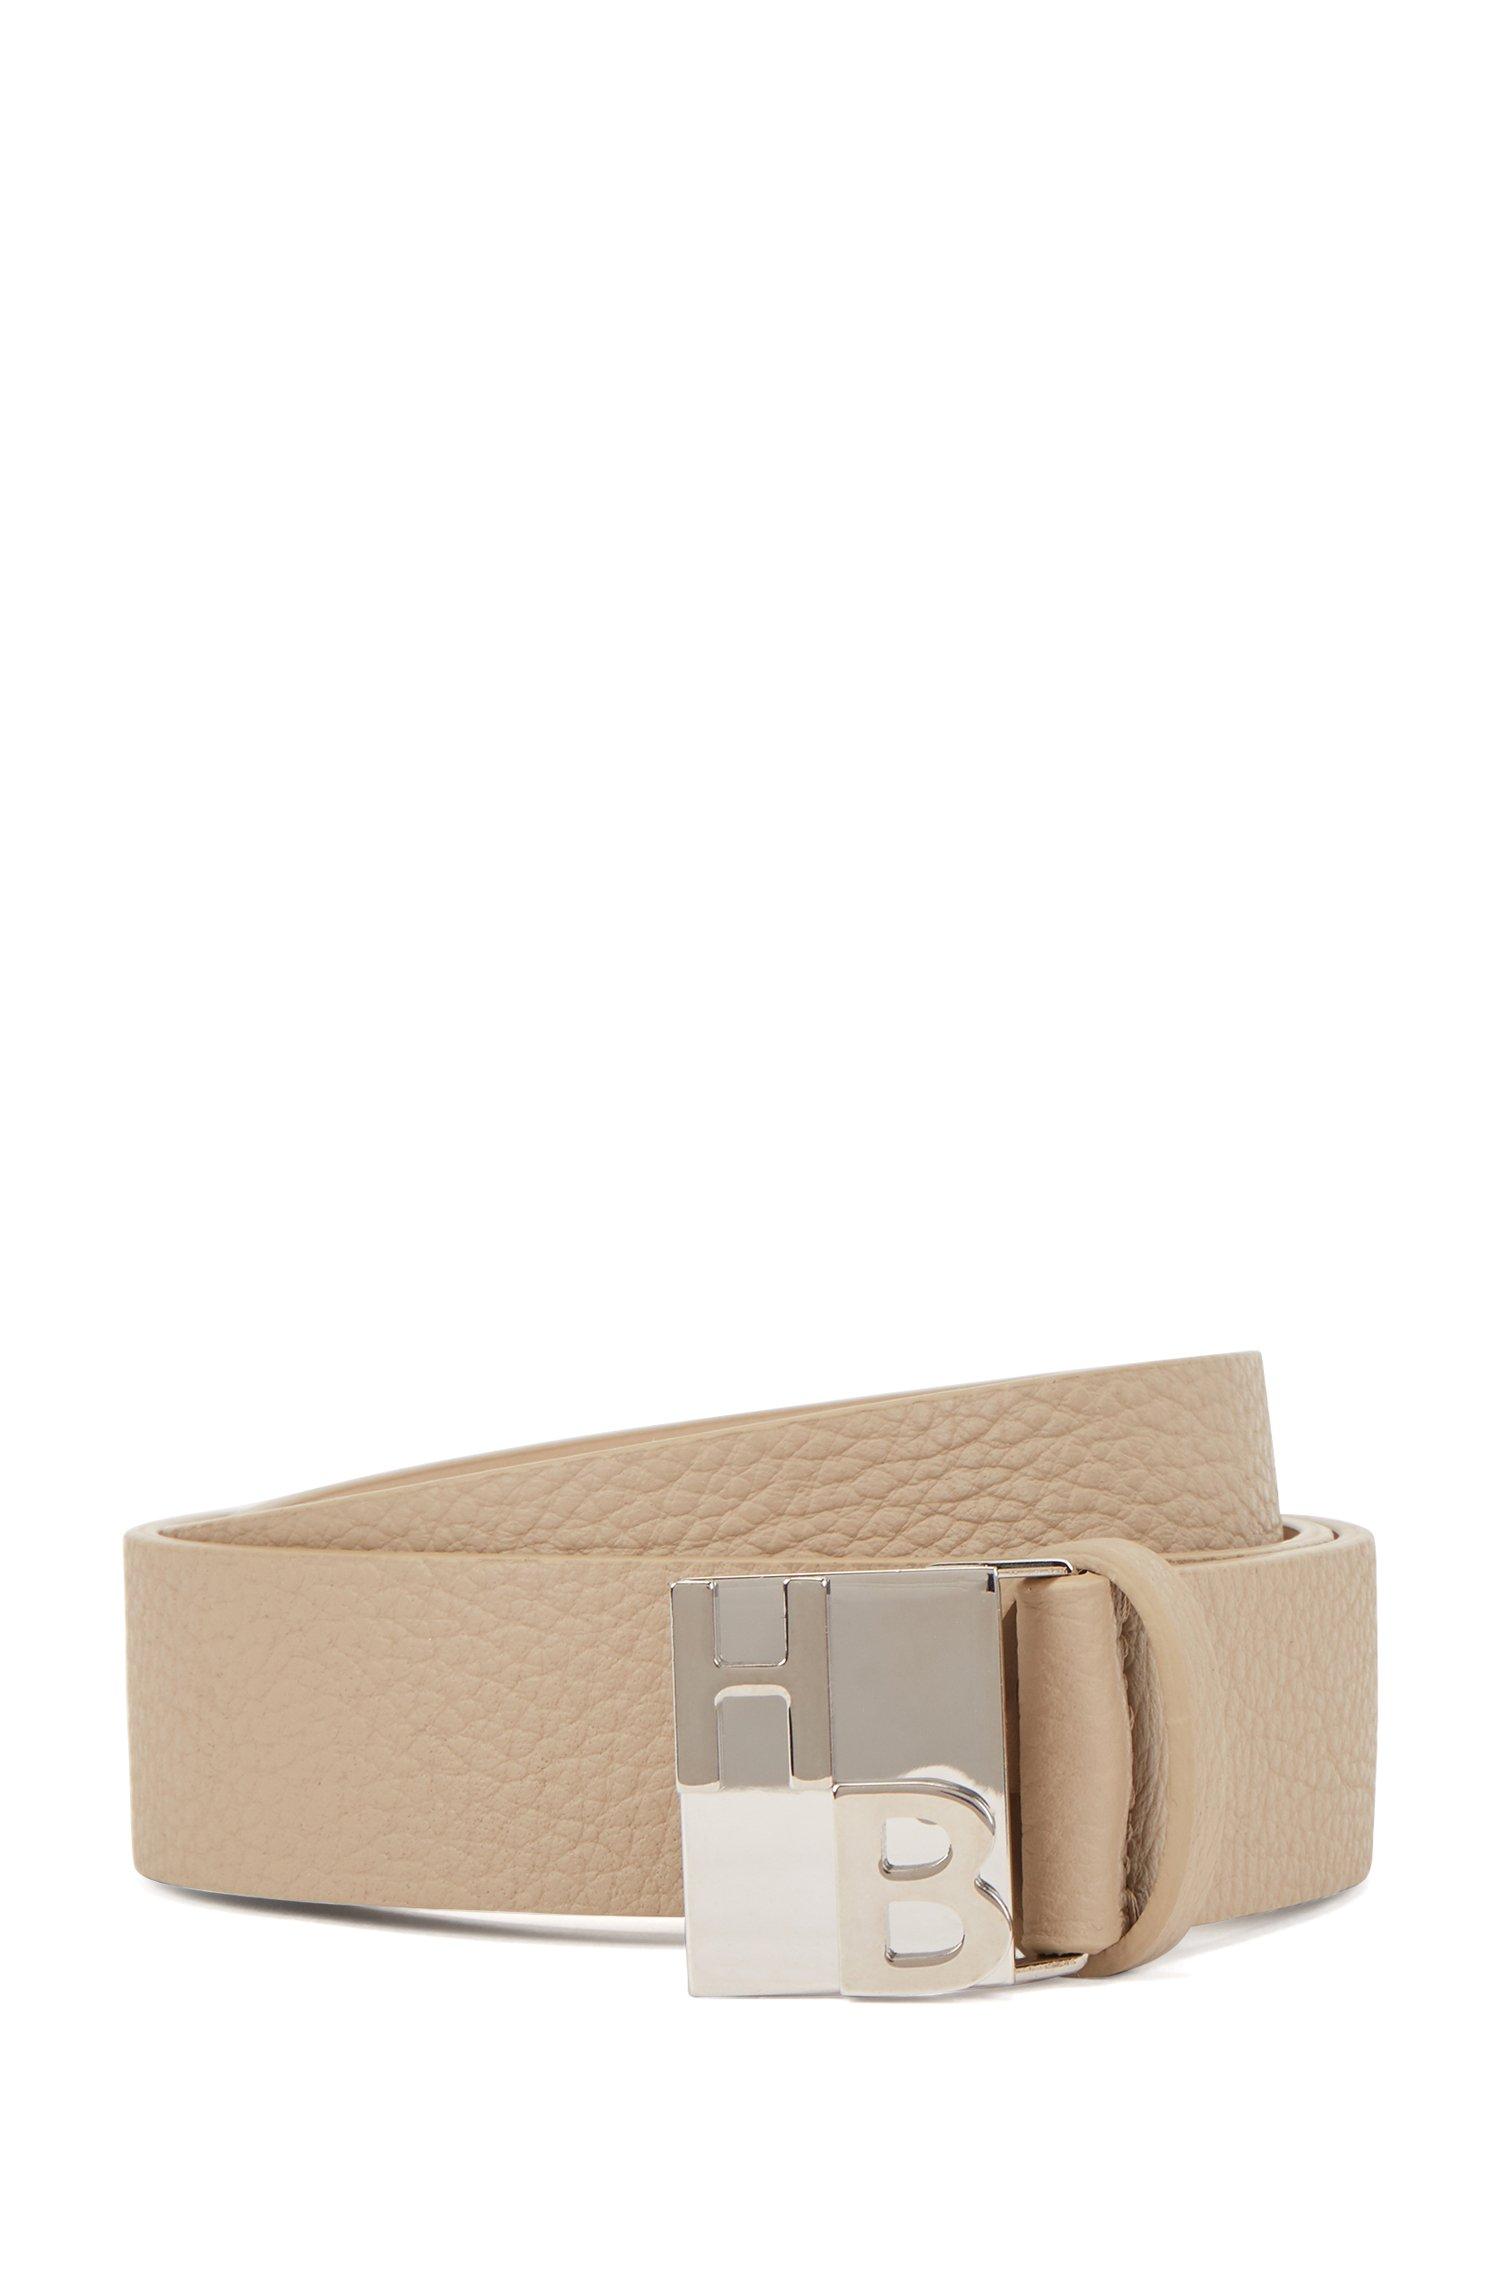 Cinturón de piel italiana con grano intenso y monograma en la hebilla, Beige